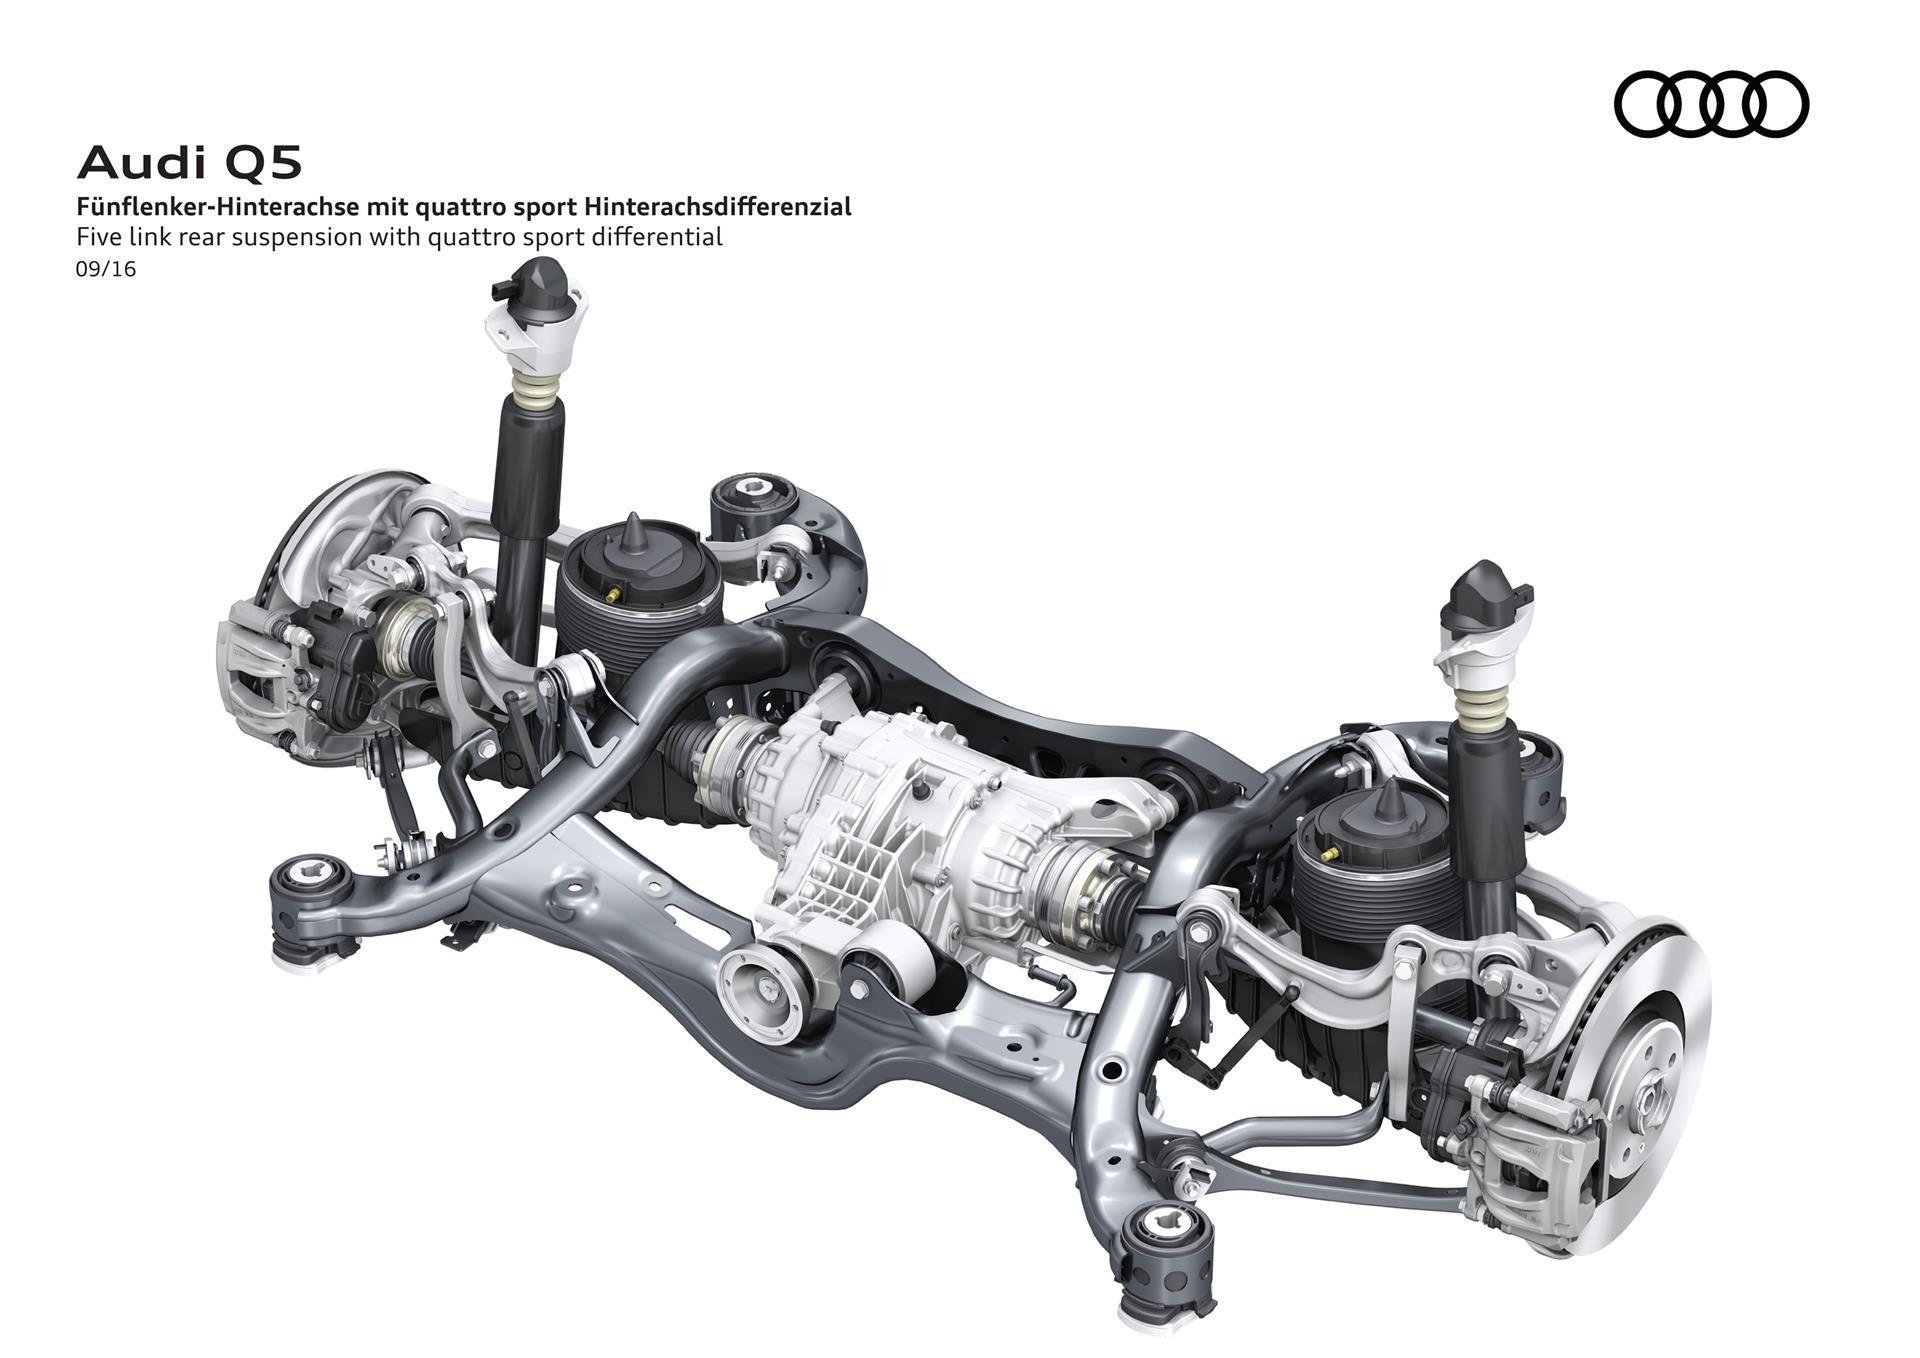 2018 Audi Q5 Image. Photo 11 of 31